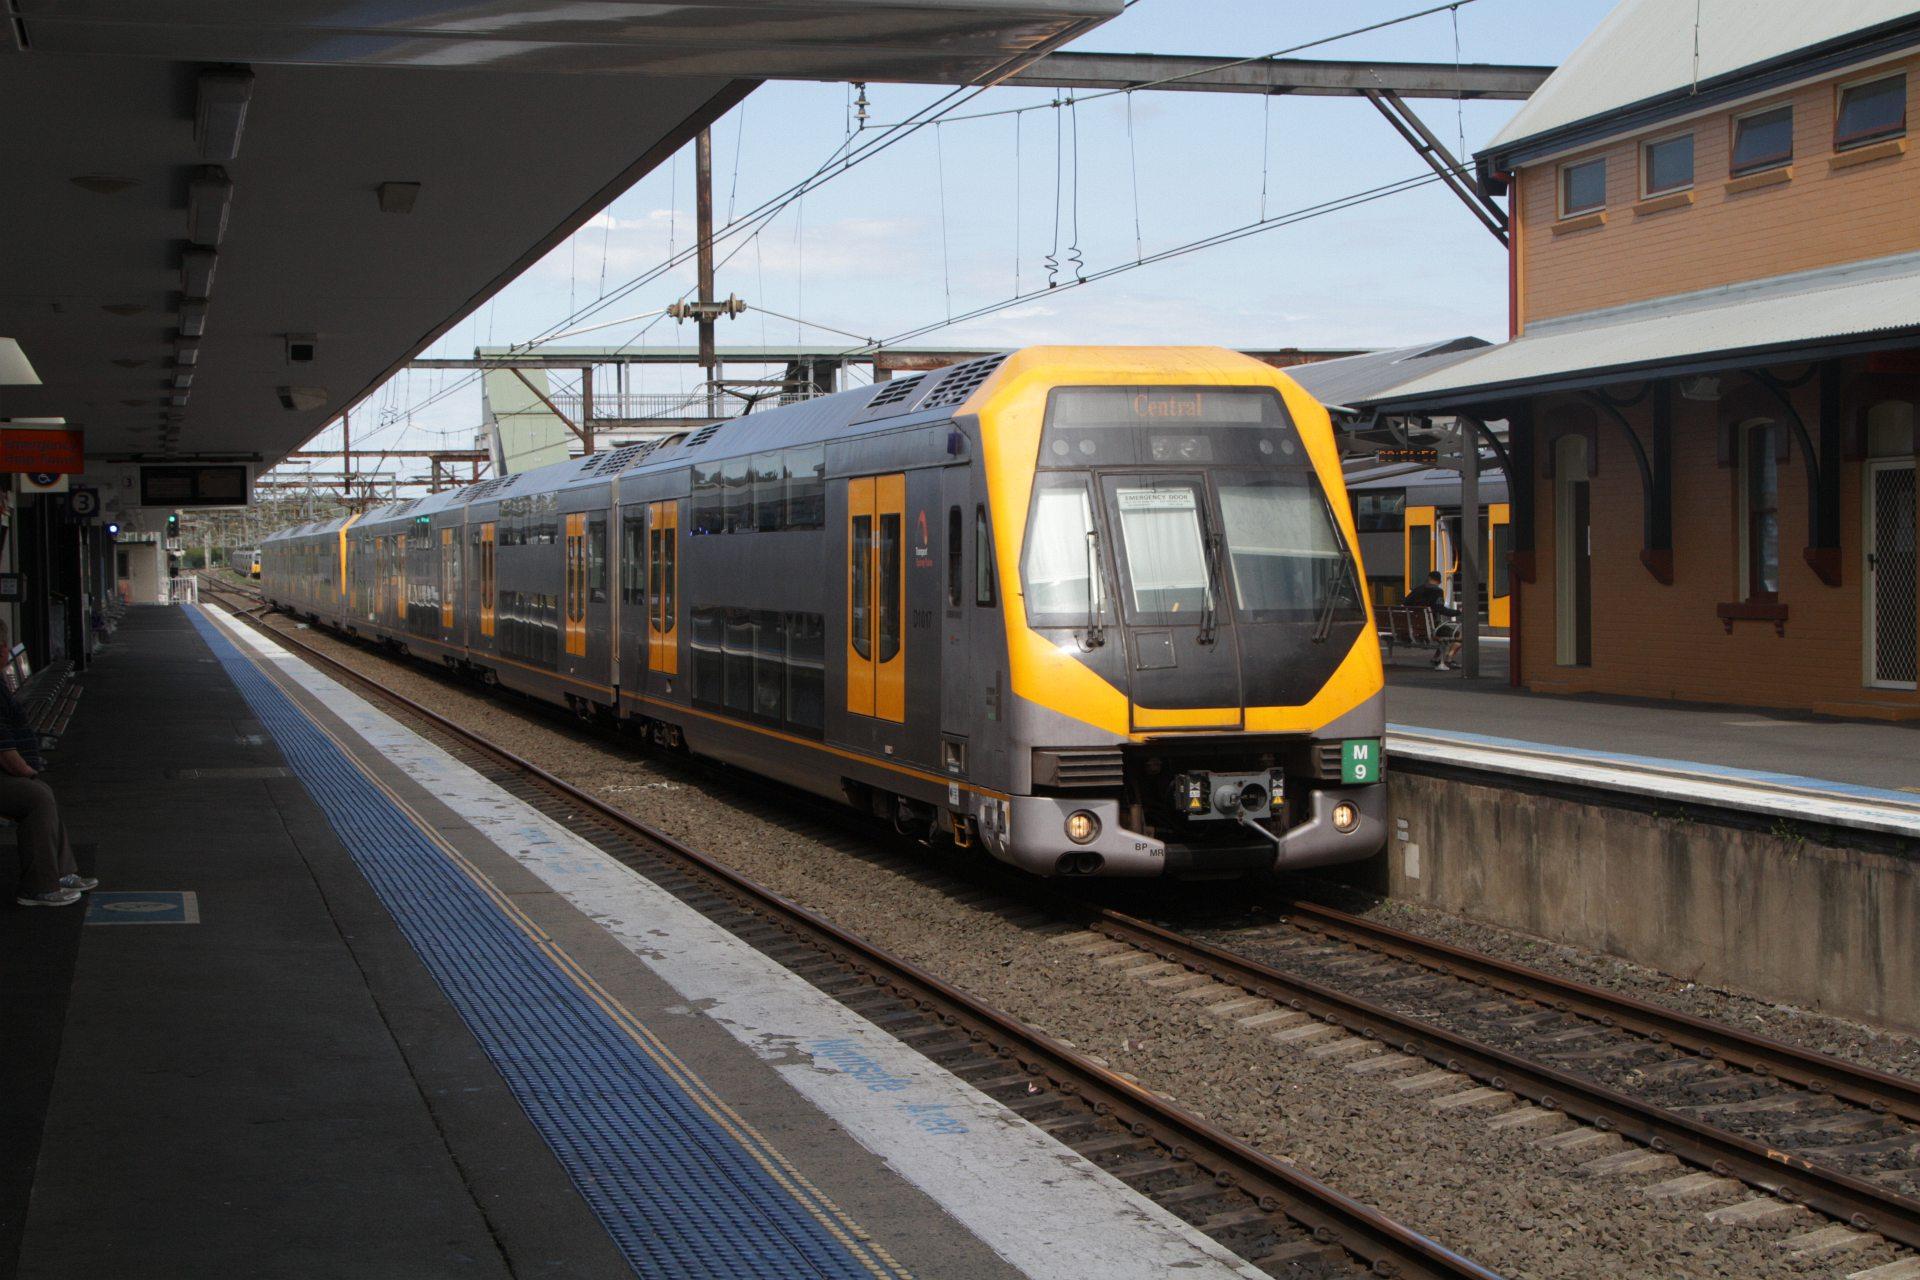 Bildergebnis für trains in the millennium images